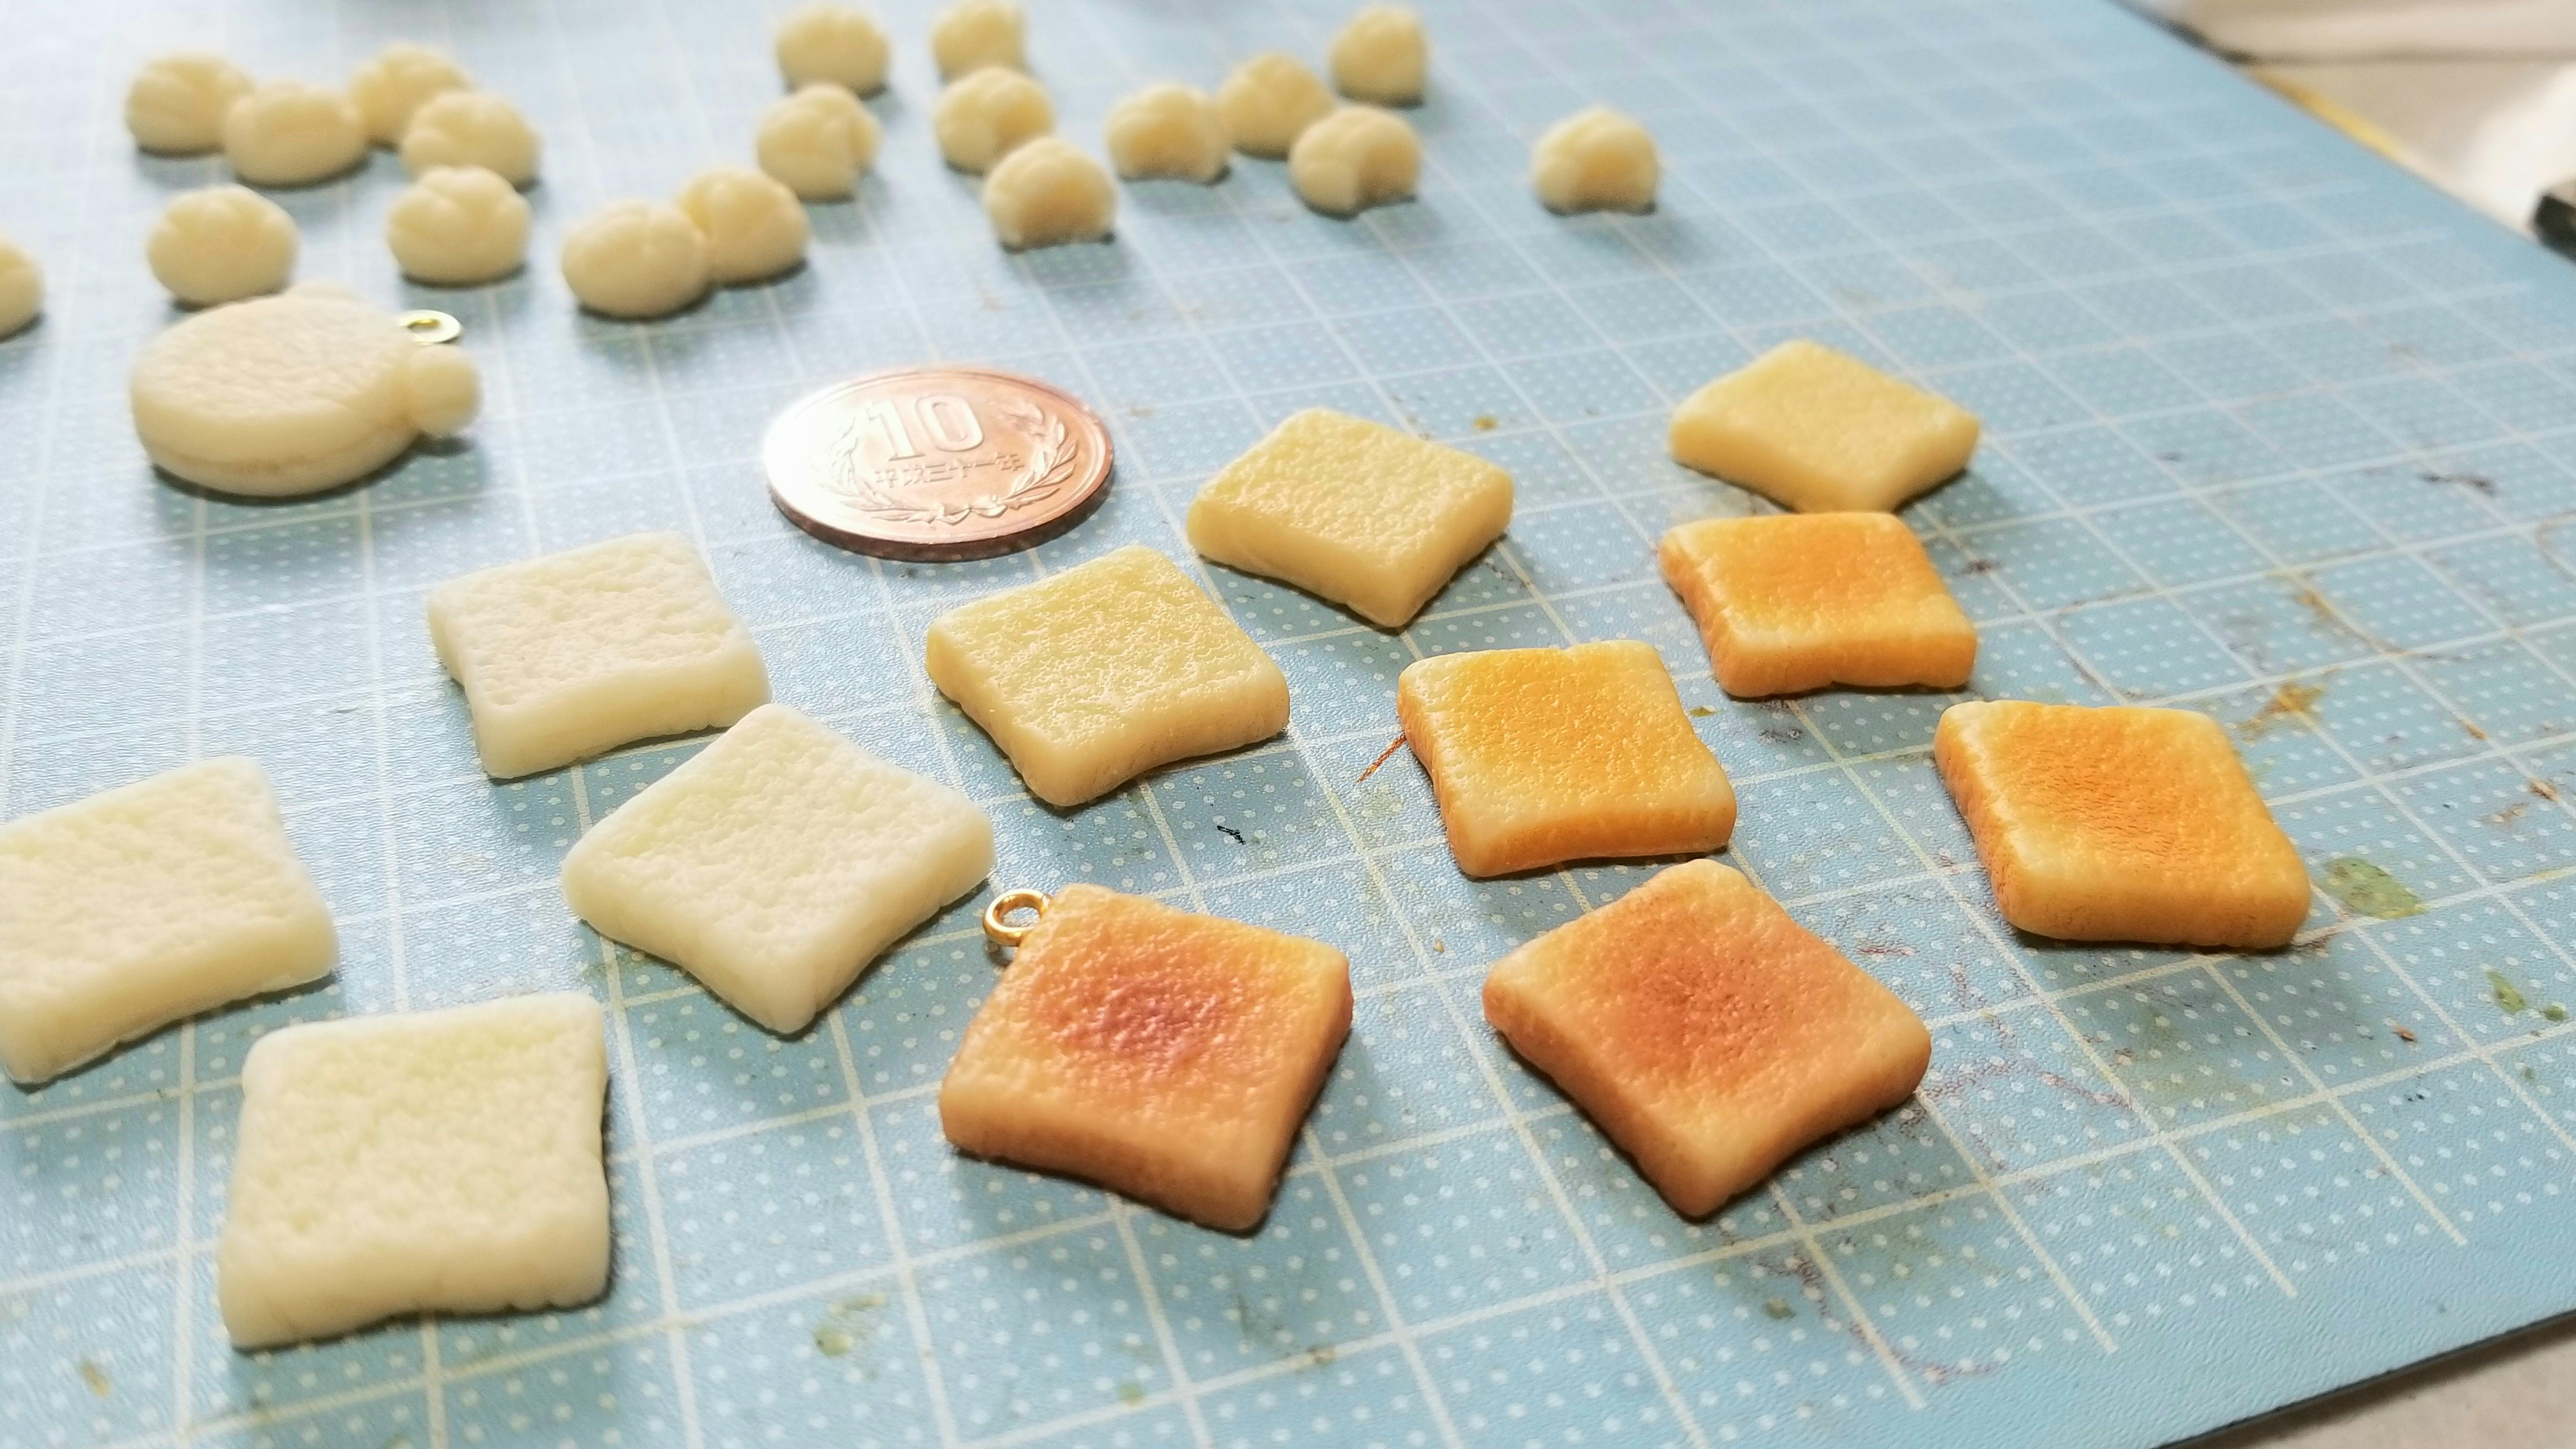 食パントーストこんがり焼きたて美味しい人気商品樹脂粘土アート